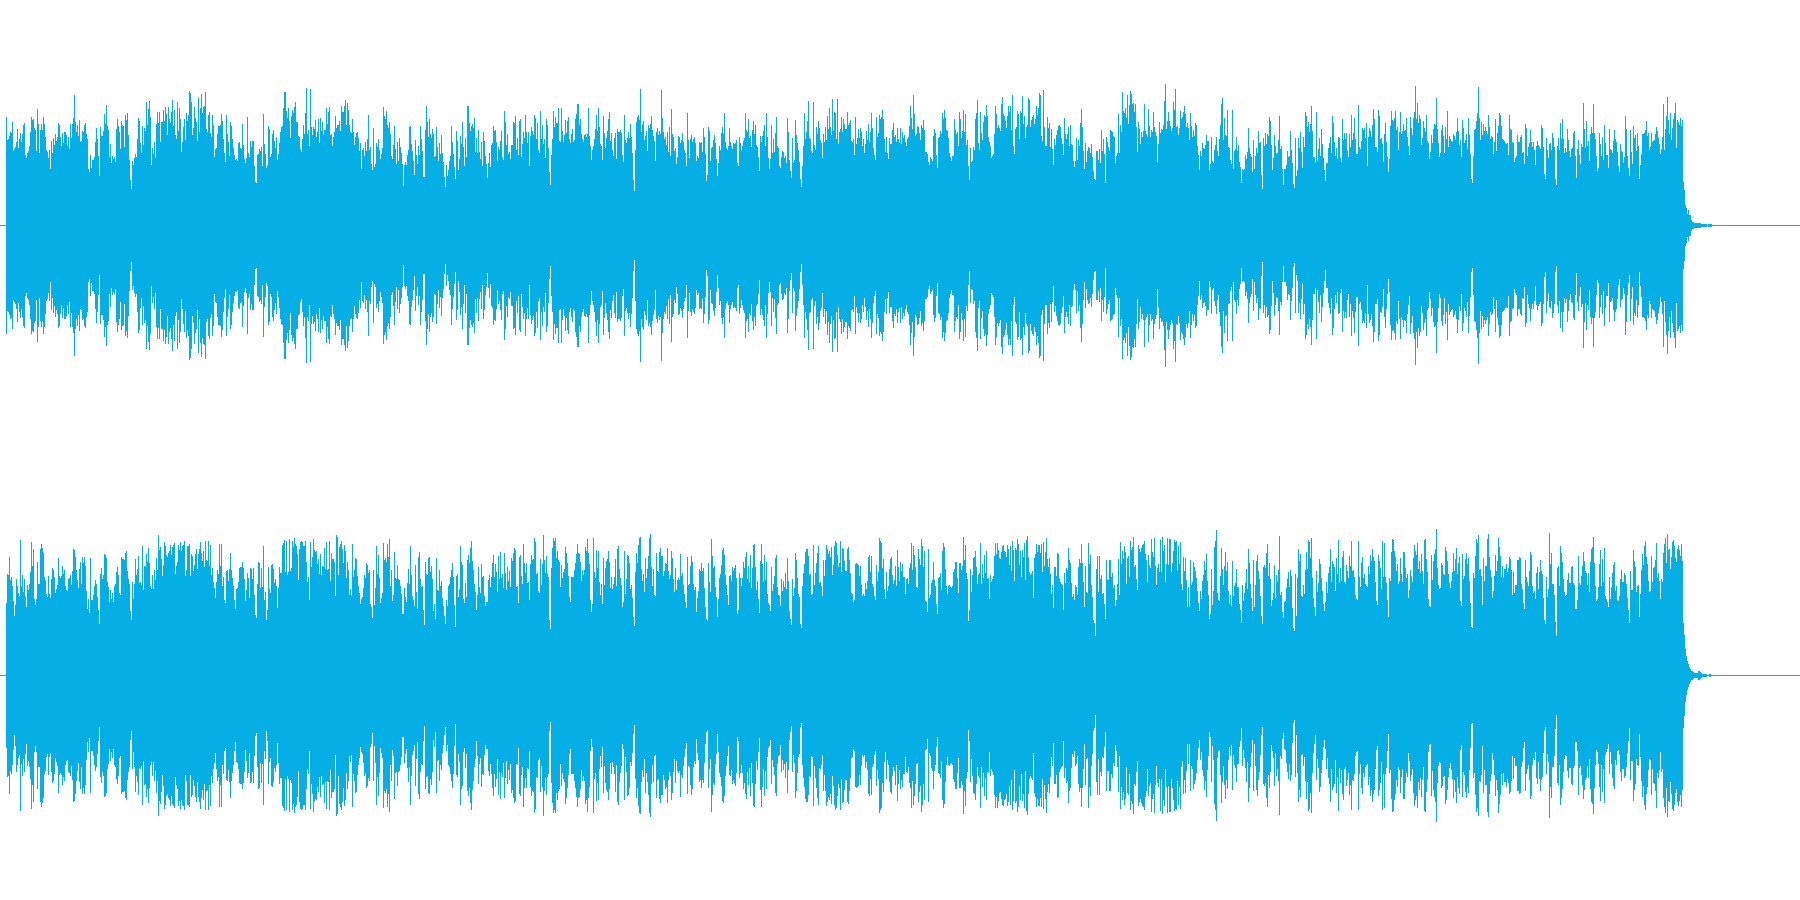 バイオリンによる現代音楽的戦闘対峙曲の再生済みの波形